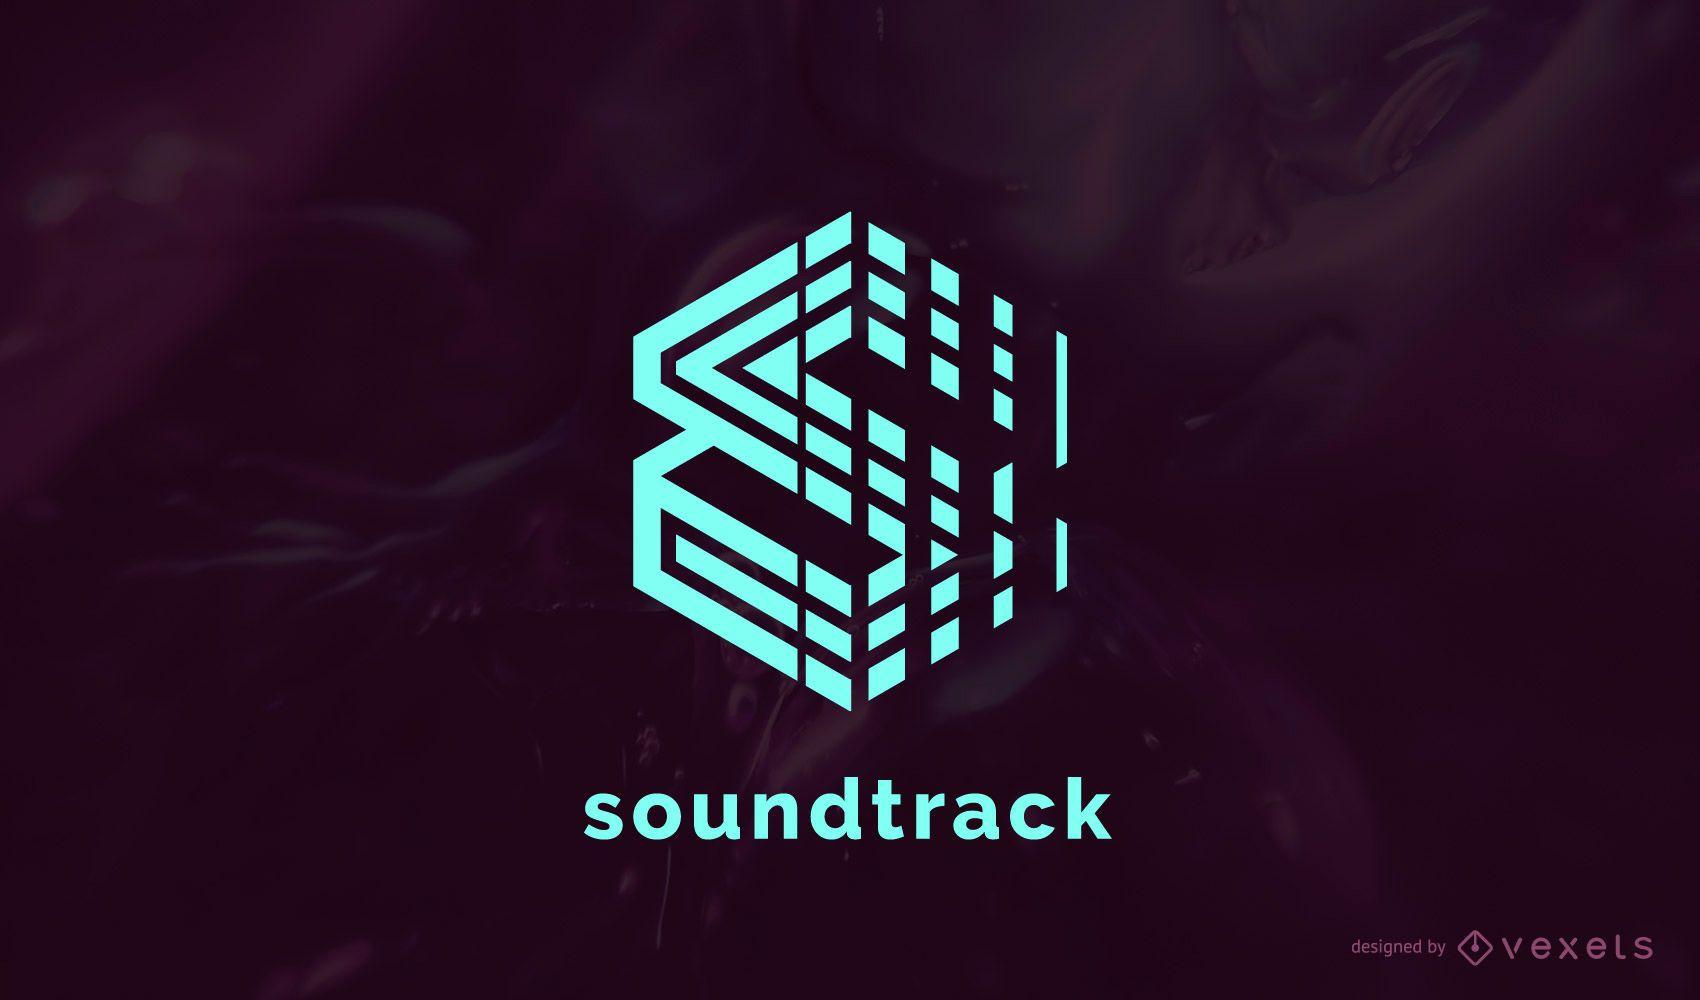 Soundtrack Musik Logo Design